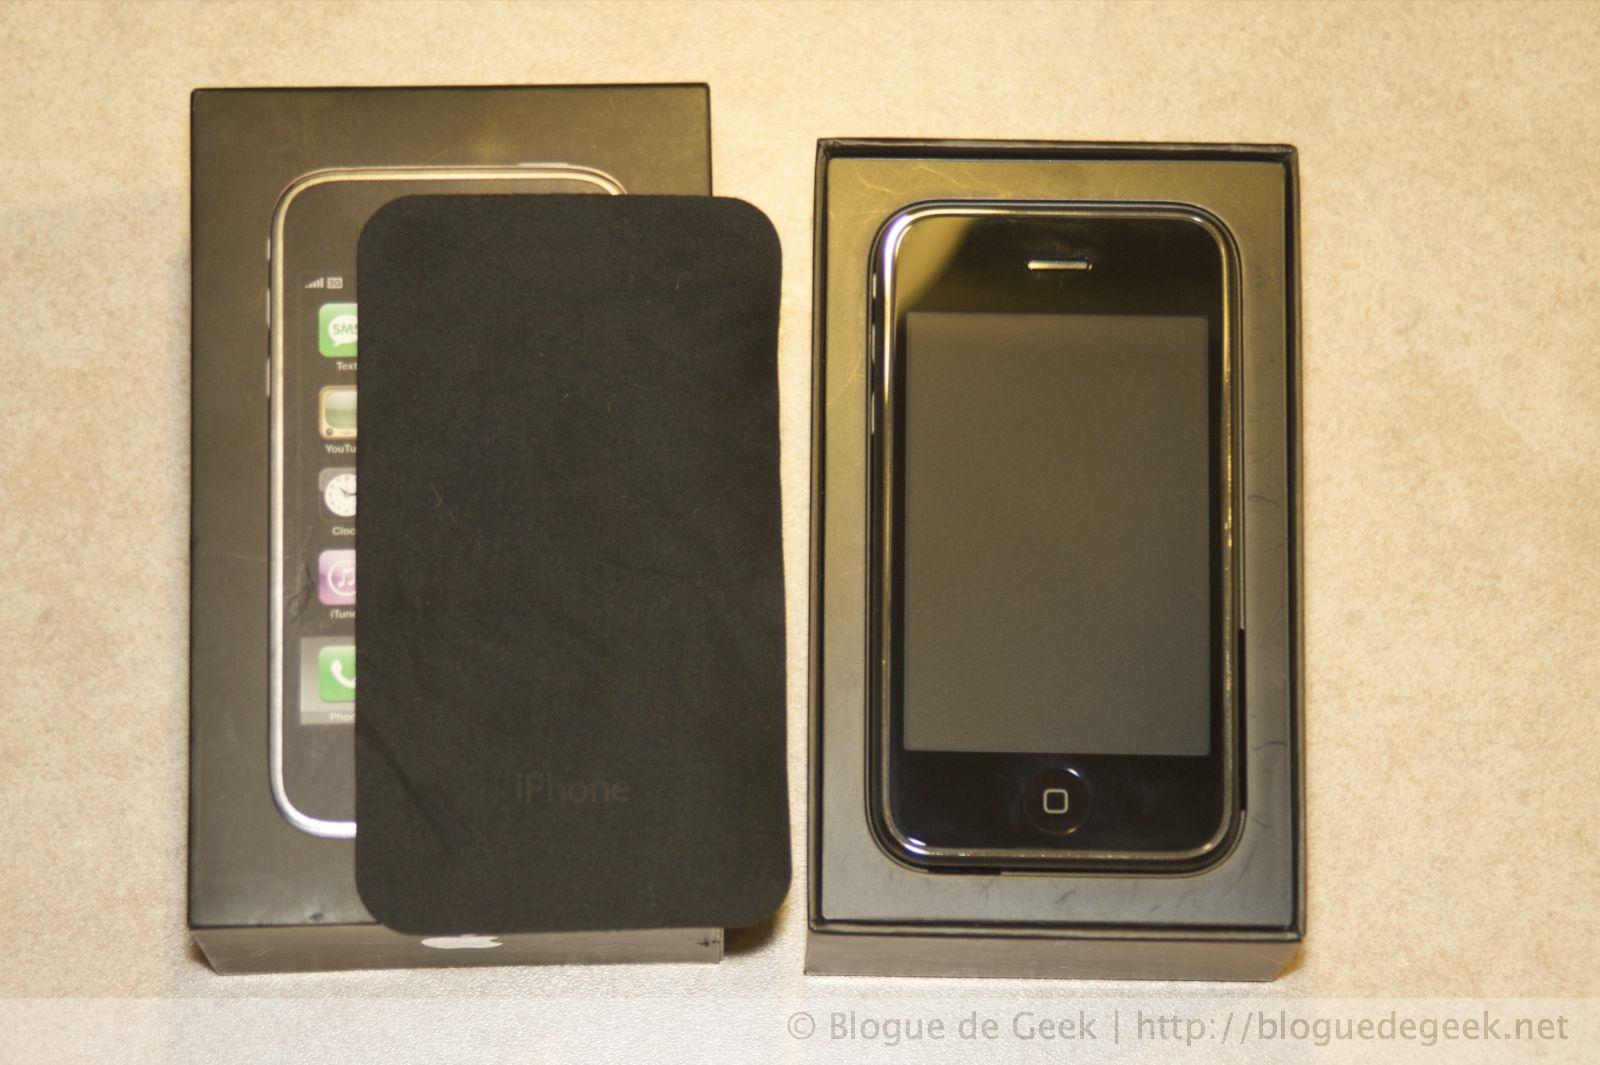 img 25892 - iPhone 3G avec Rogers au Canada [Évaluation]